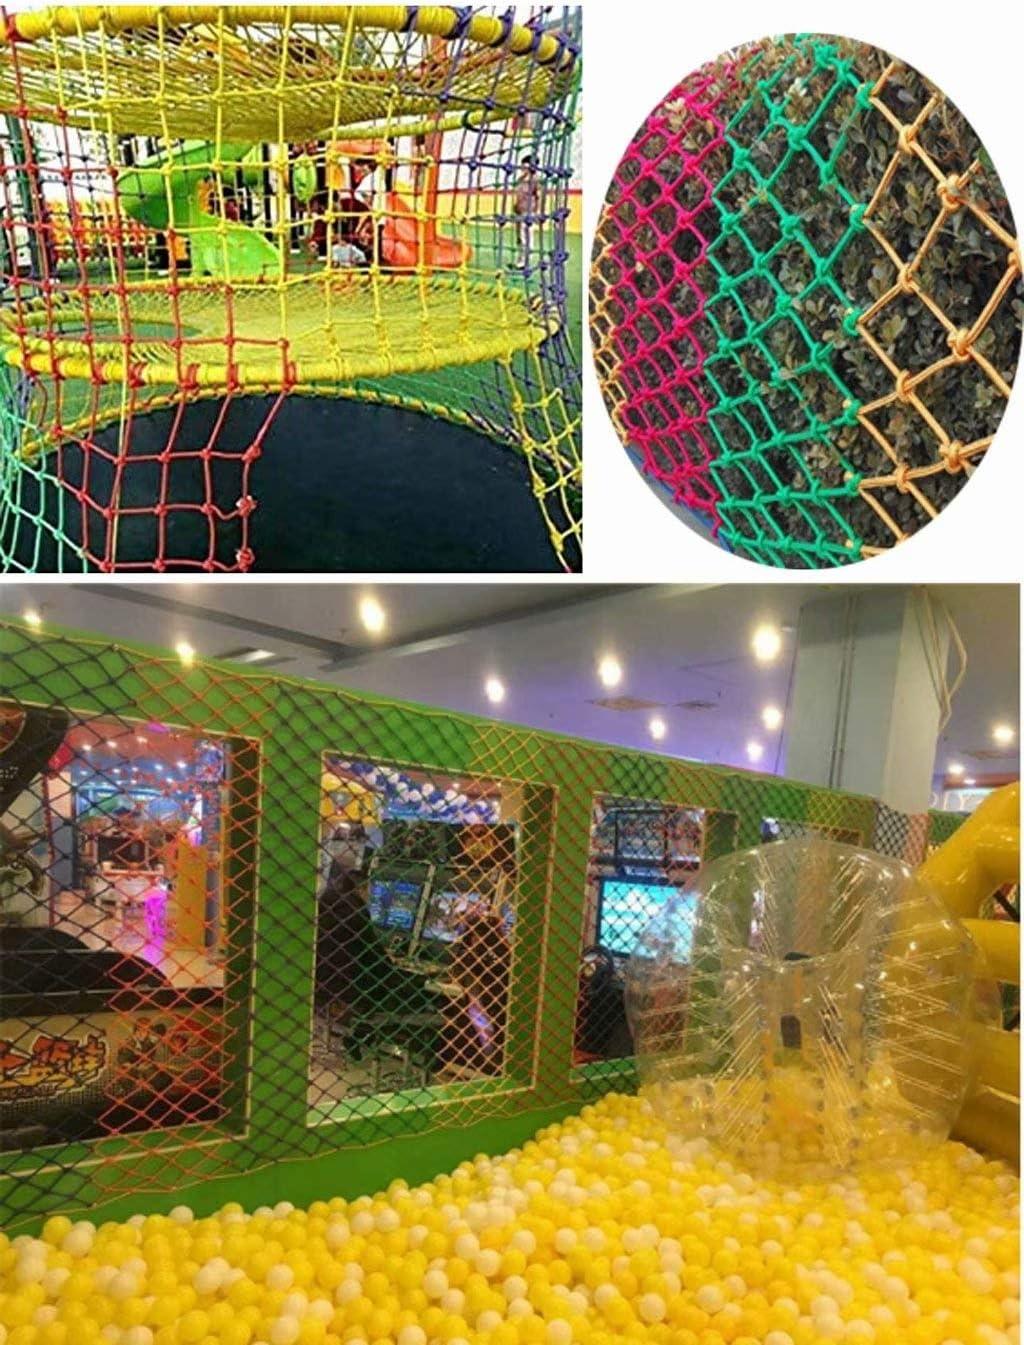 MILASIA Le Filet est Fait de Corde de Chanvre et fournit Une Charge maximale pour l/'Aire de Jeux des Enfants.